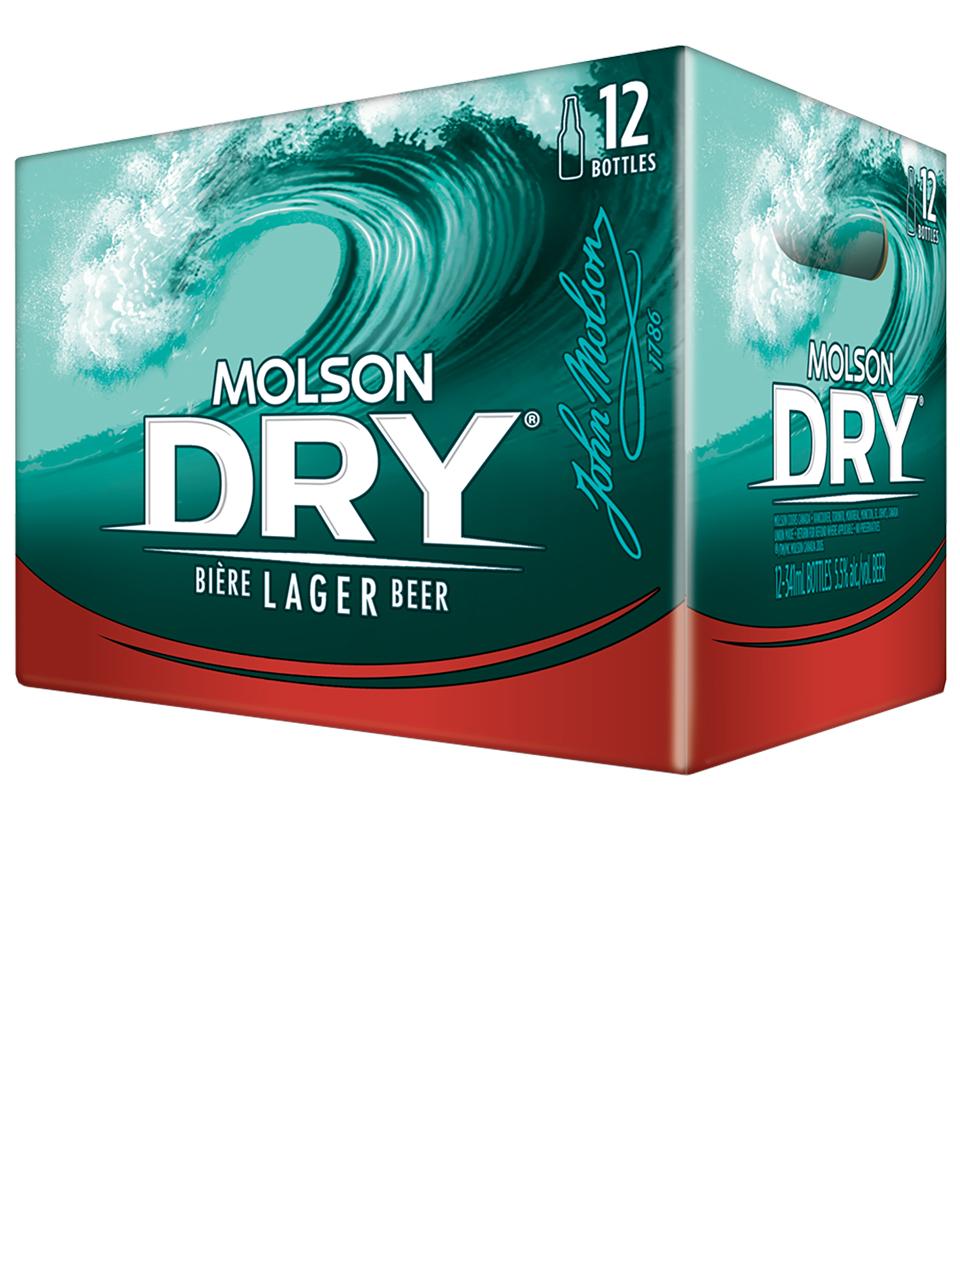 Molson Special Dry Btls 12pk